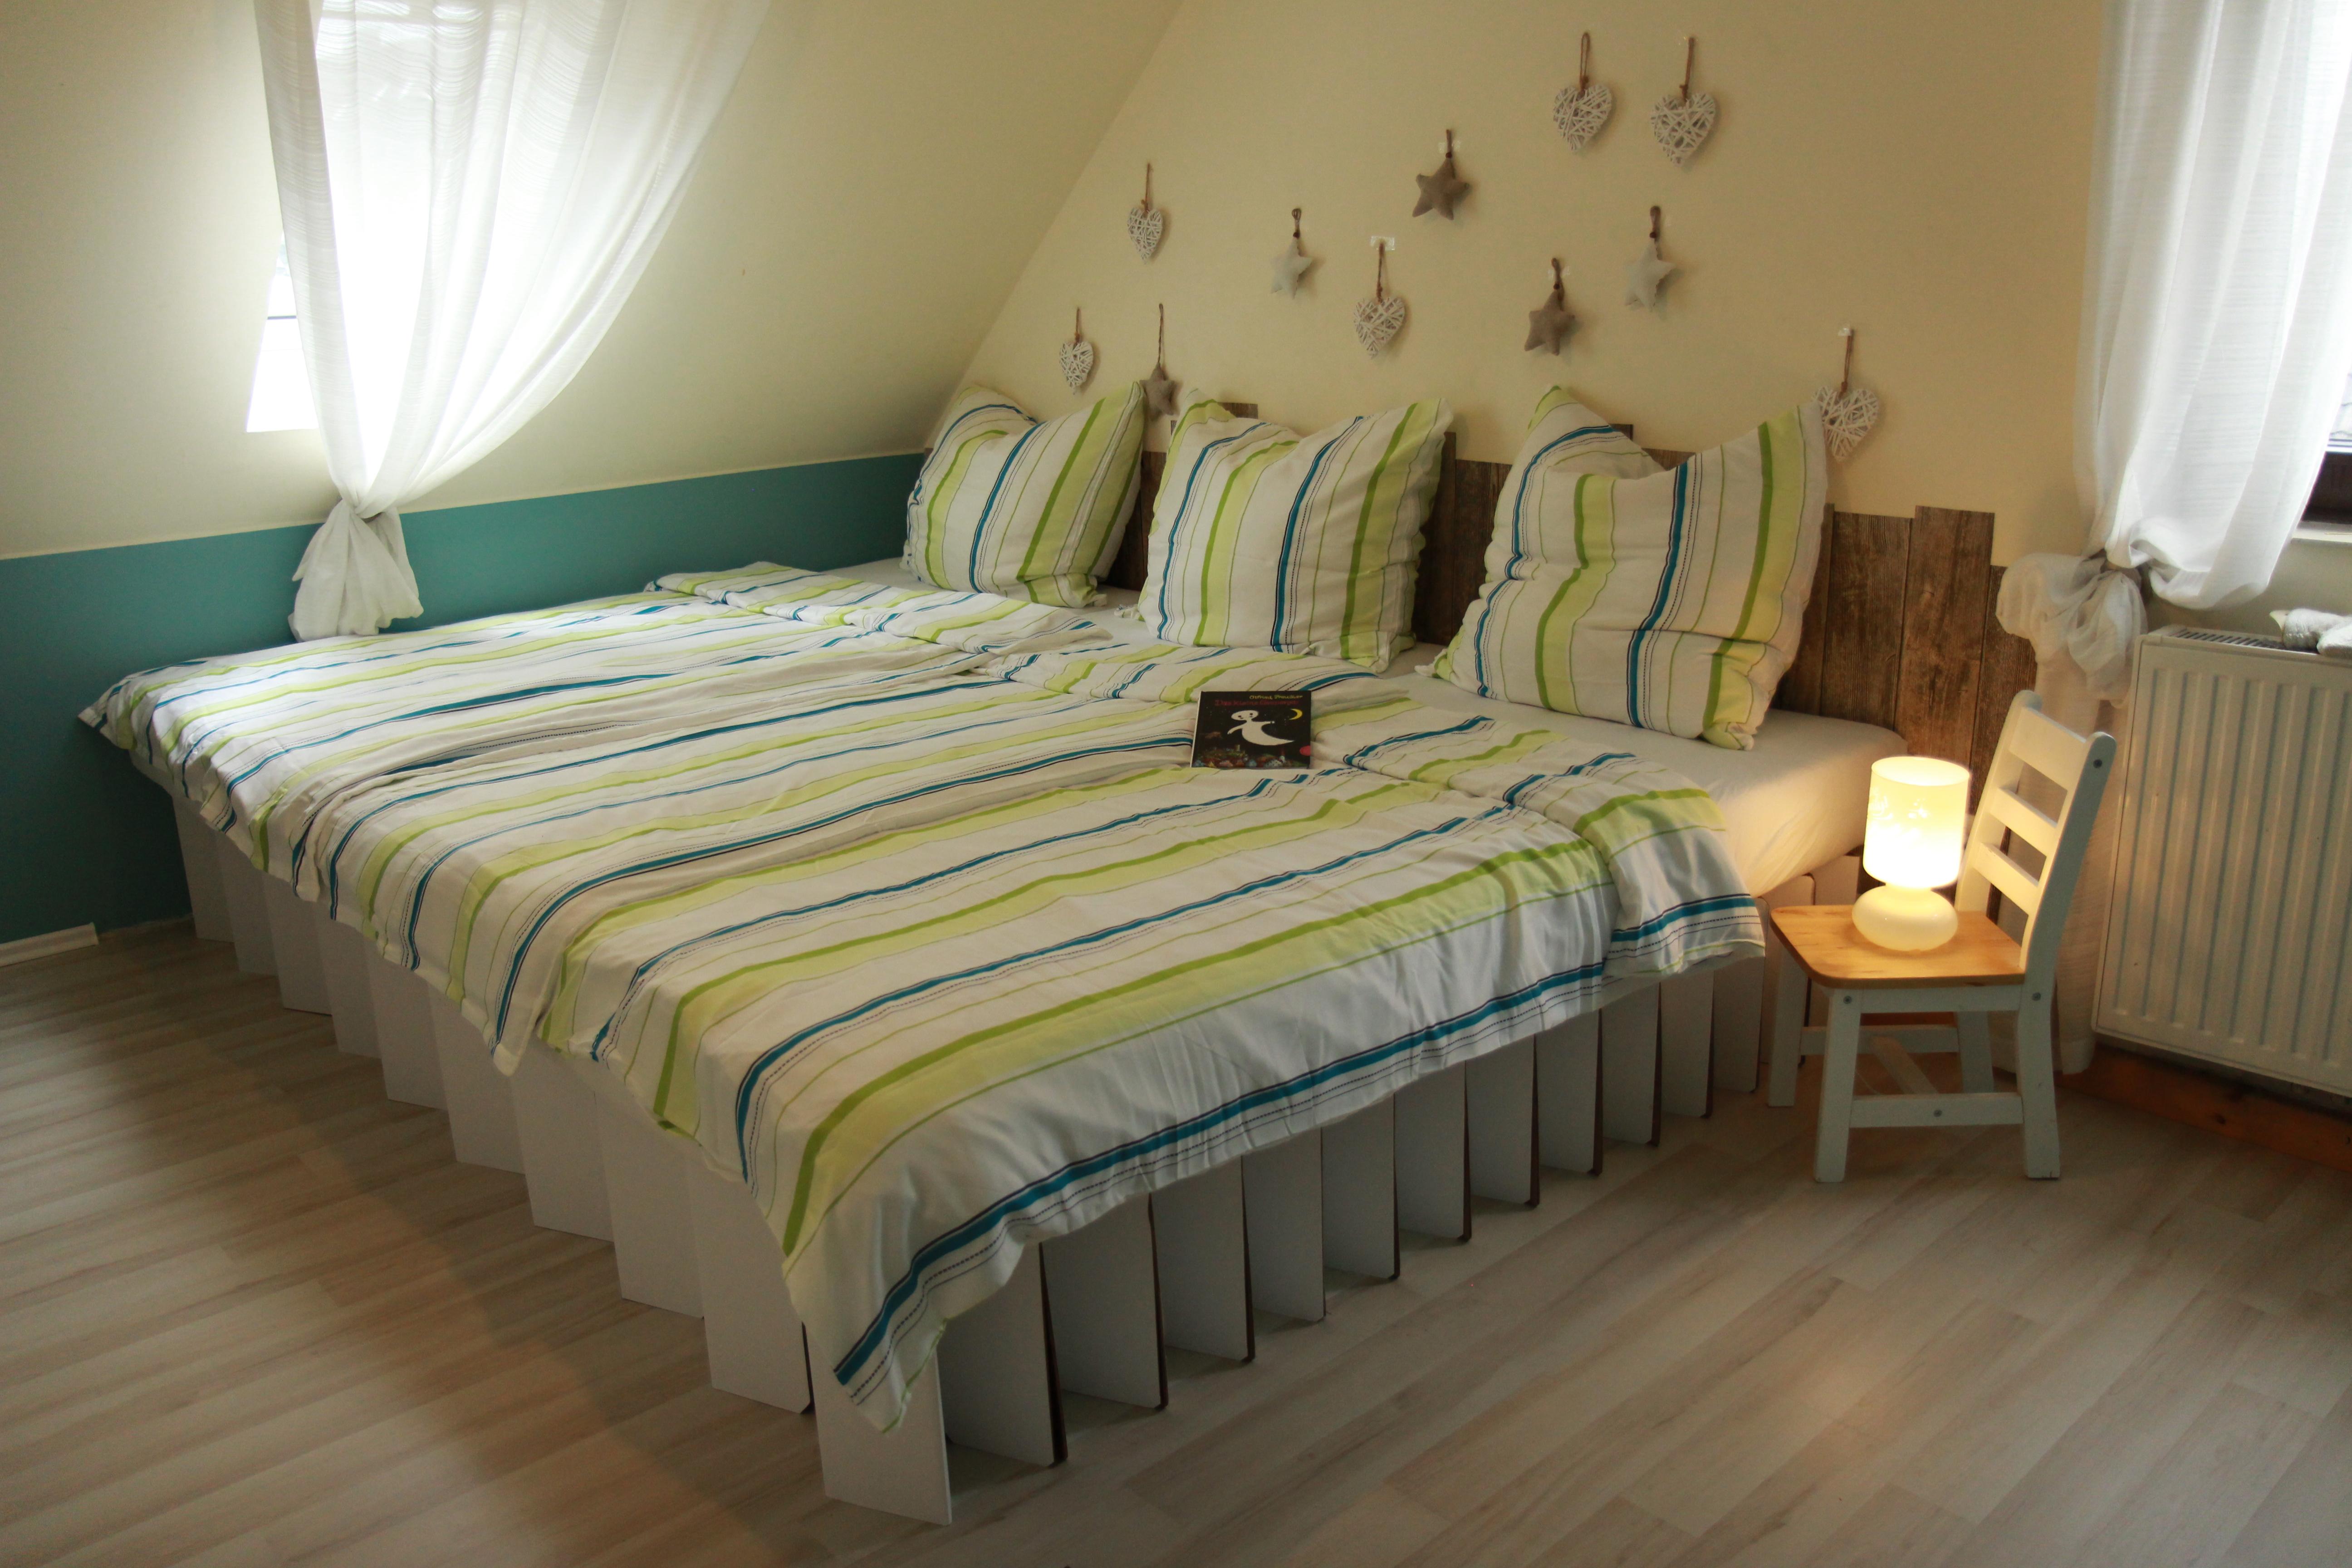 Das Room In A Box Familienbett Ein Multifunktionales Raumwunder